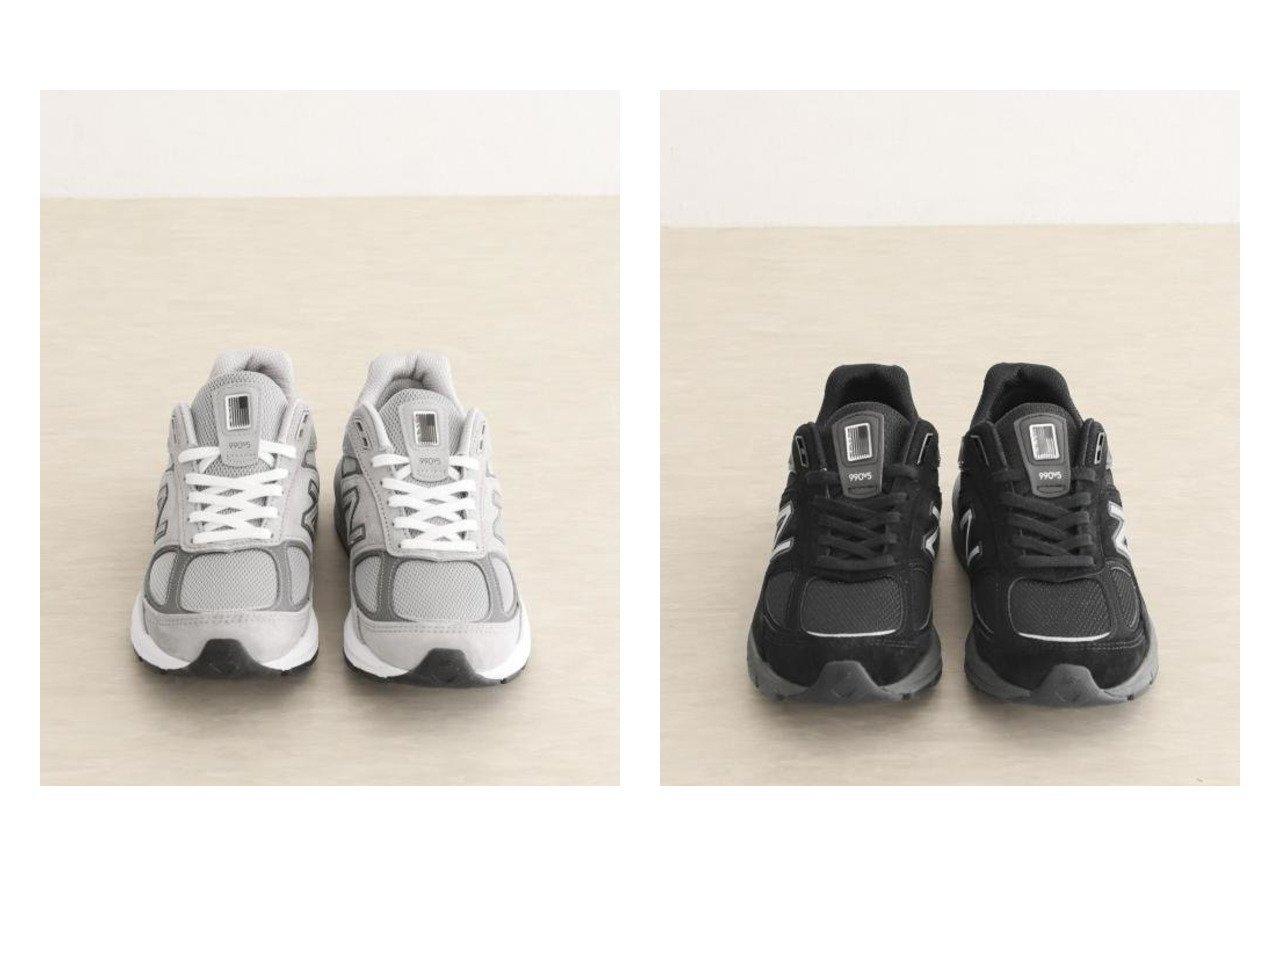 【URBAN RESEARCH DOORS/アーバンリサーチ ドアーズ】のNEW BALANCE W990 シューズ・靴のおすすめ!人気、トレンド・レディースファッションの通販 おすすめで人気の流行・トレンド、ファッションの通販商品 メンズファッション・キッズファッション・インテリア・家具・レディースファッション・服の通販 founy(ファニー) https://founy.com/ ファッション Fashion レディースファッション WOMEN インソール シューズ スニーカー バランス ボストン  ID:crp329100000014037